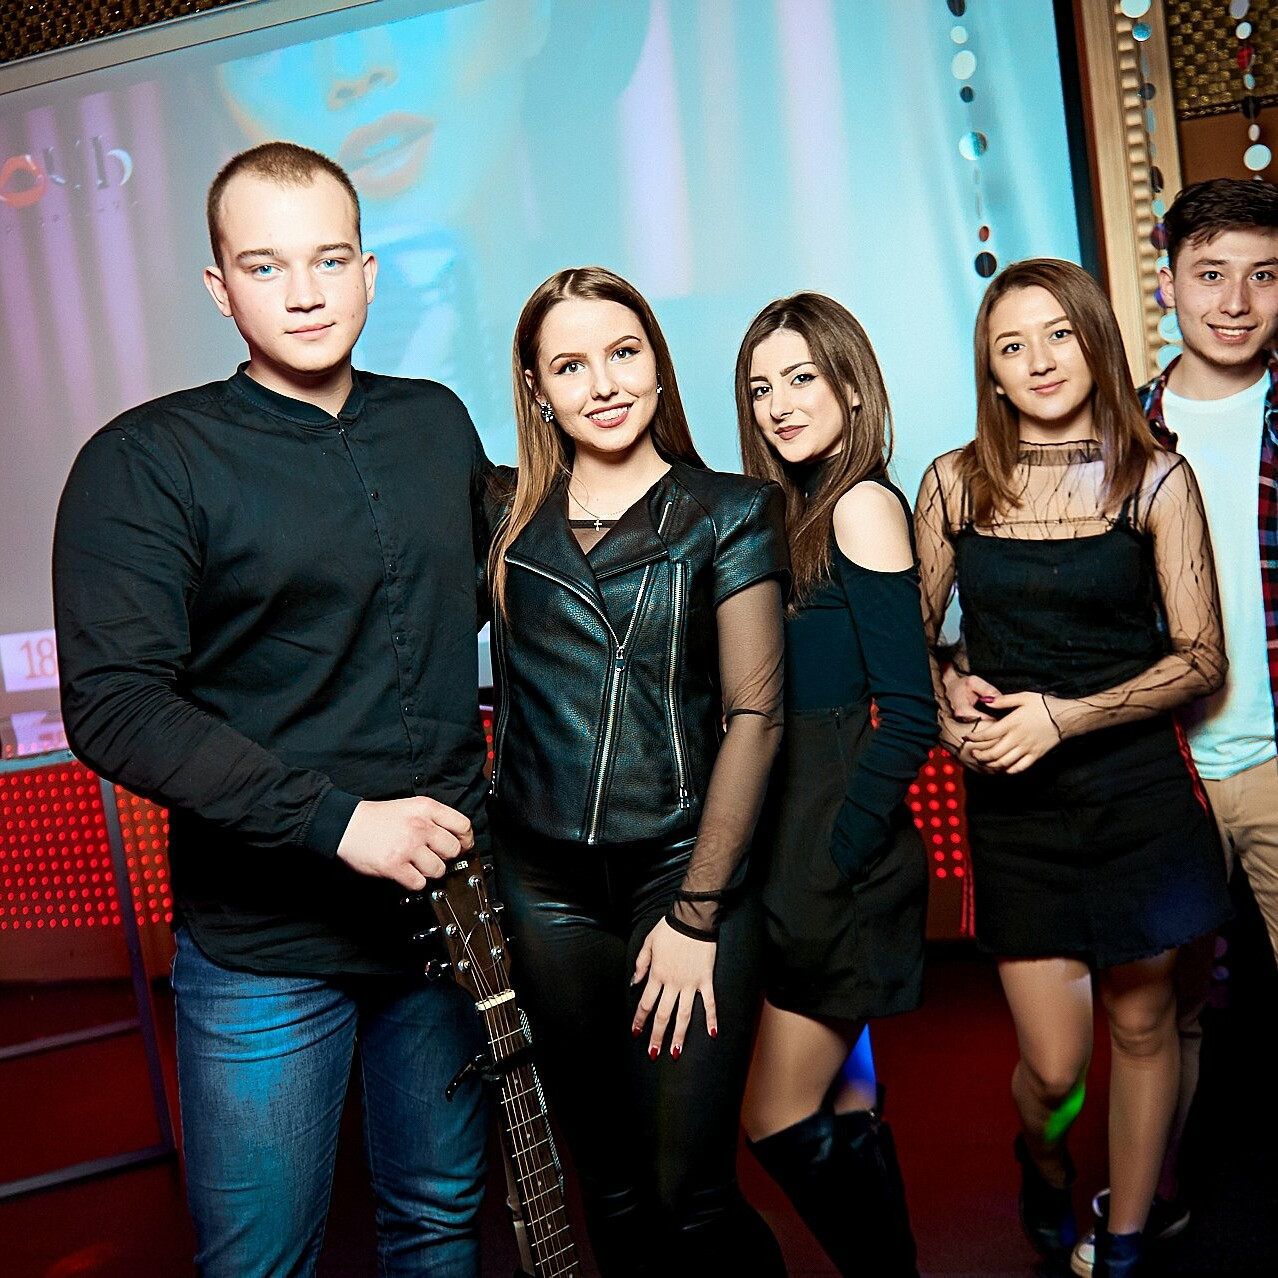 день ночь караоке в белгороде фотоотчет хранятся специально